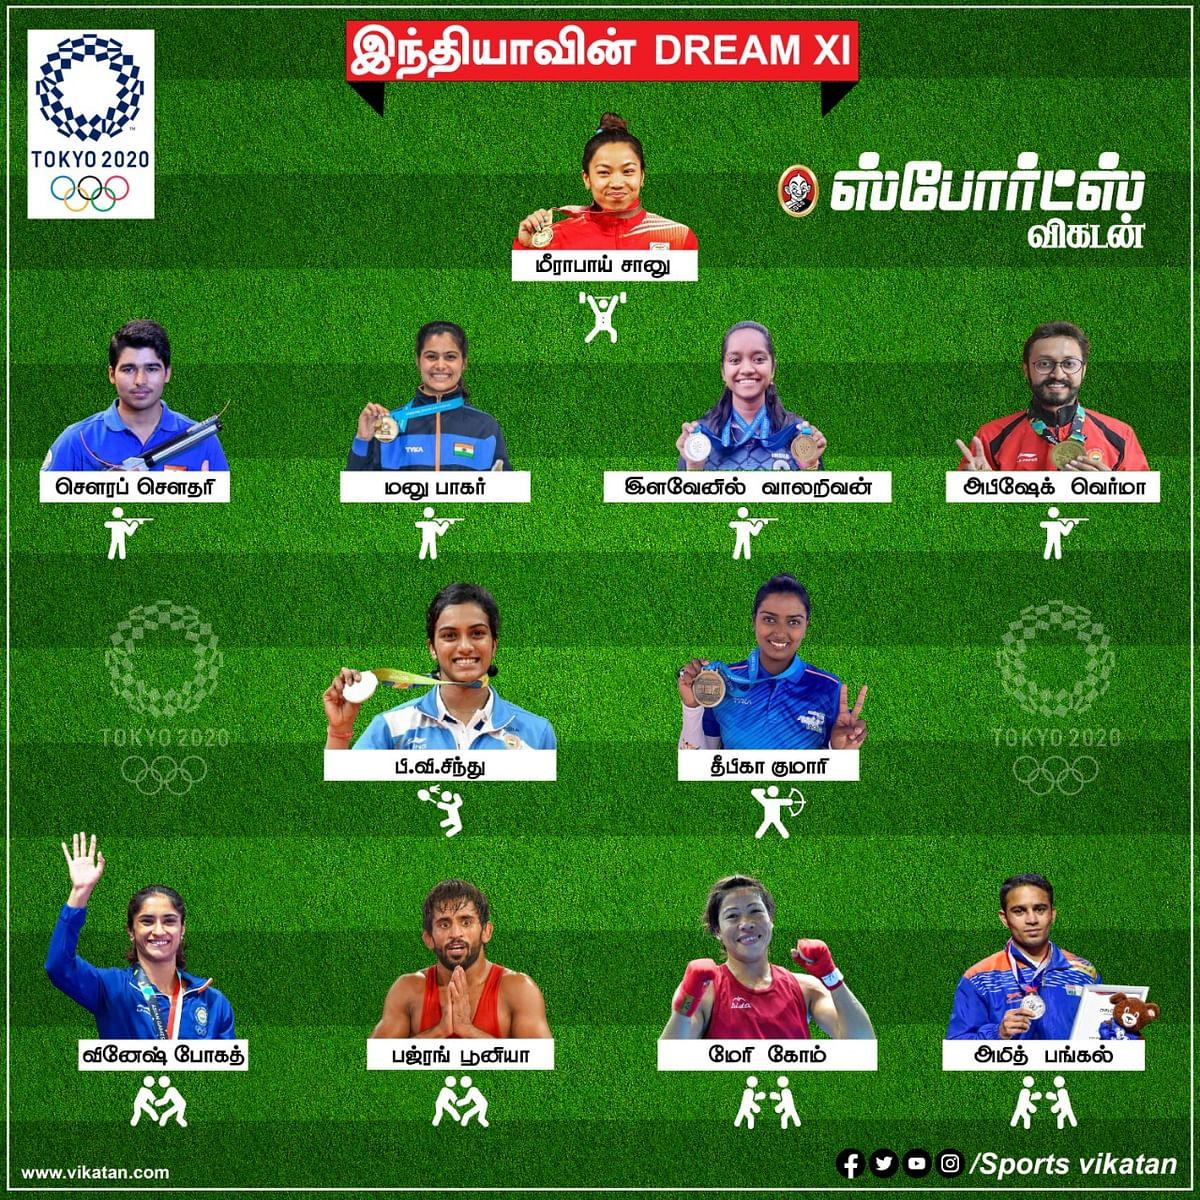 India's Dream 11